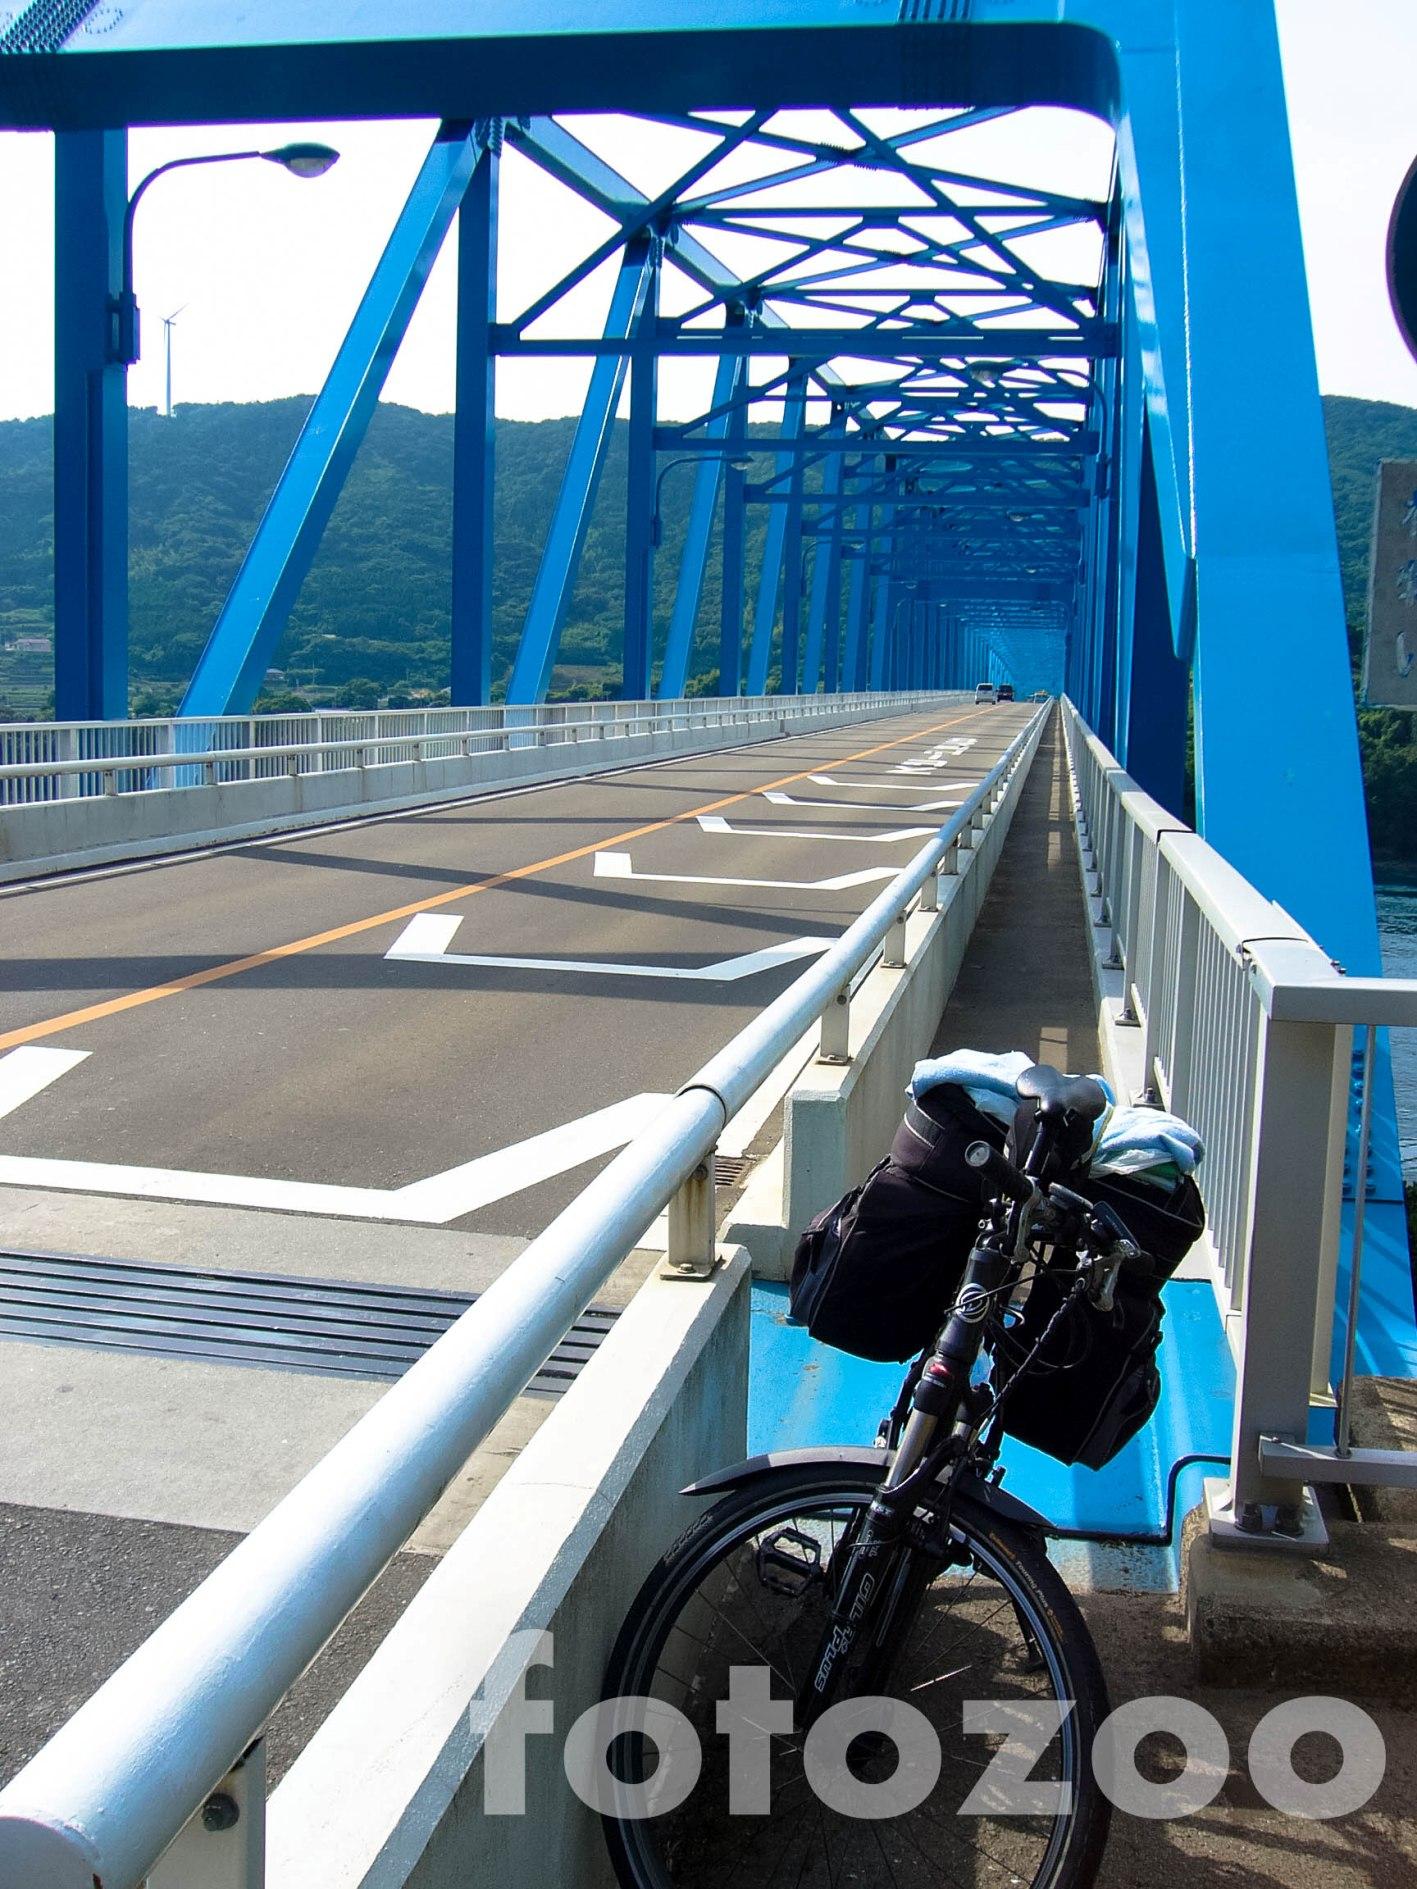 Ezen a hídon kell 'áthúzni' magam Kyushura. A biciklisáv tervezőjét napi két átkelésre ítélném!